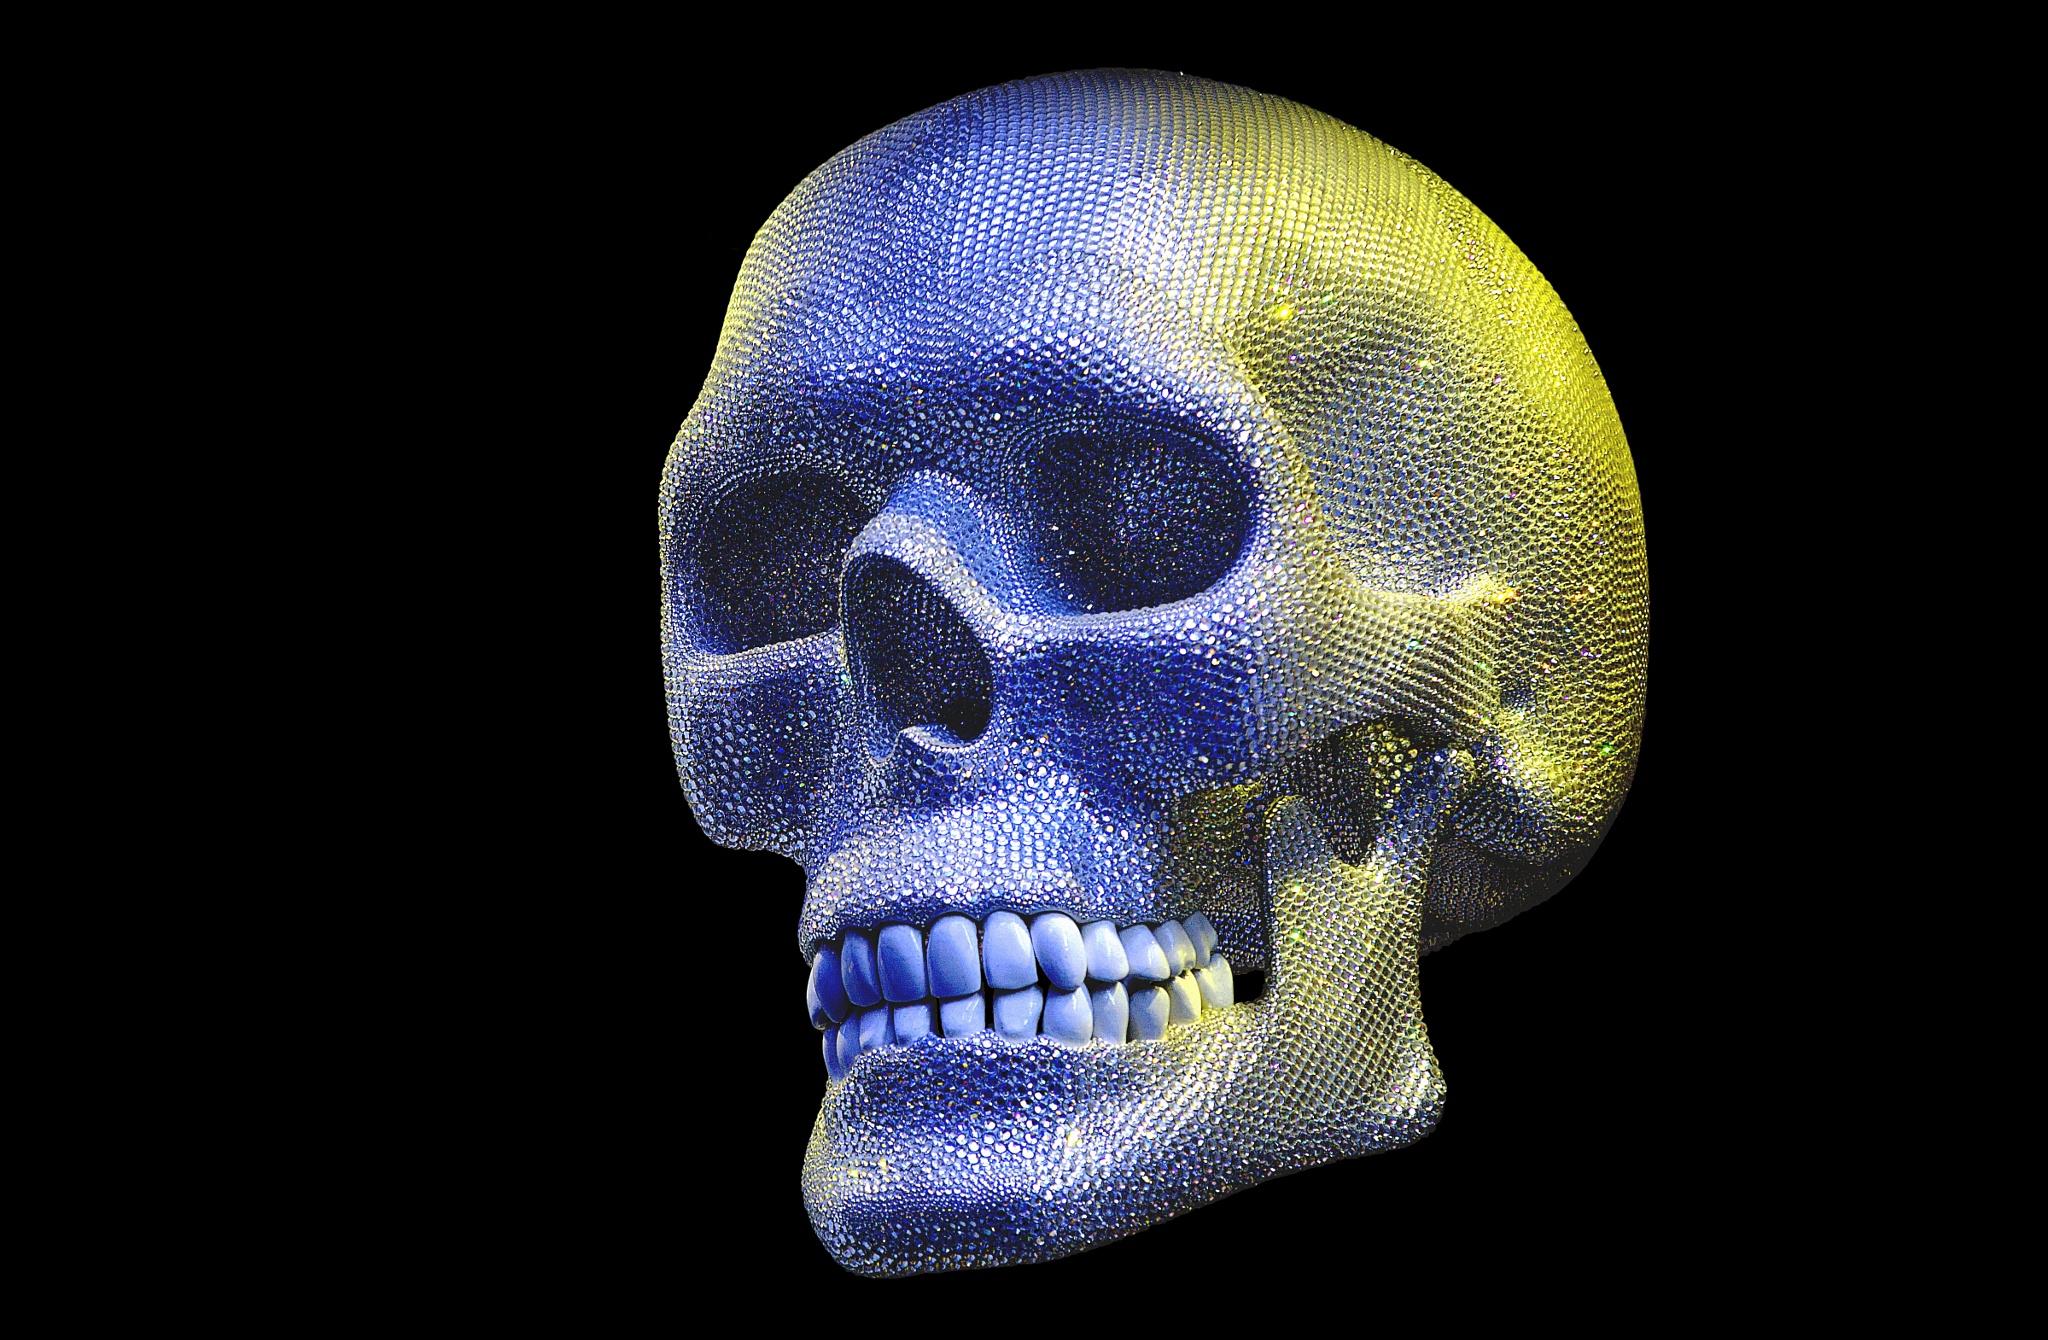 skull by Christoph Reiter